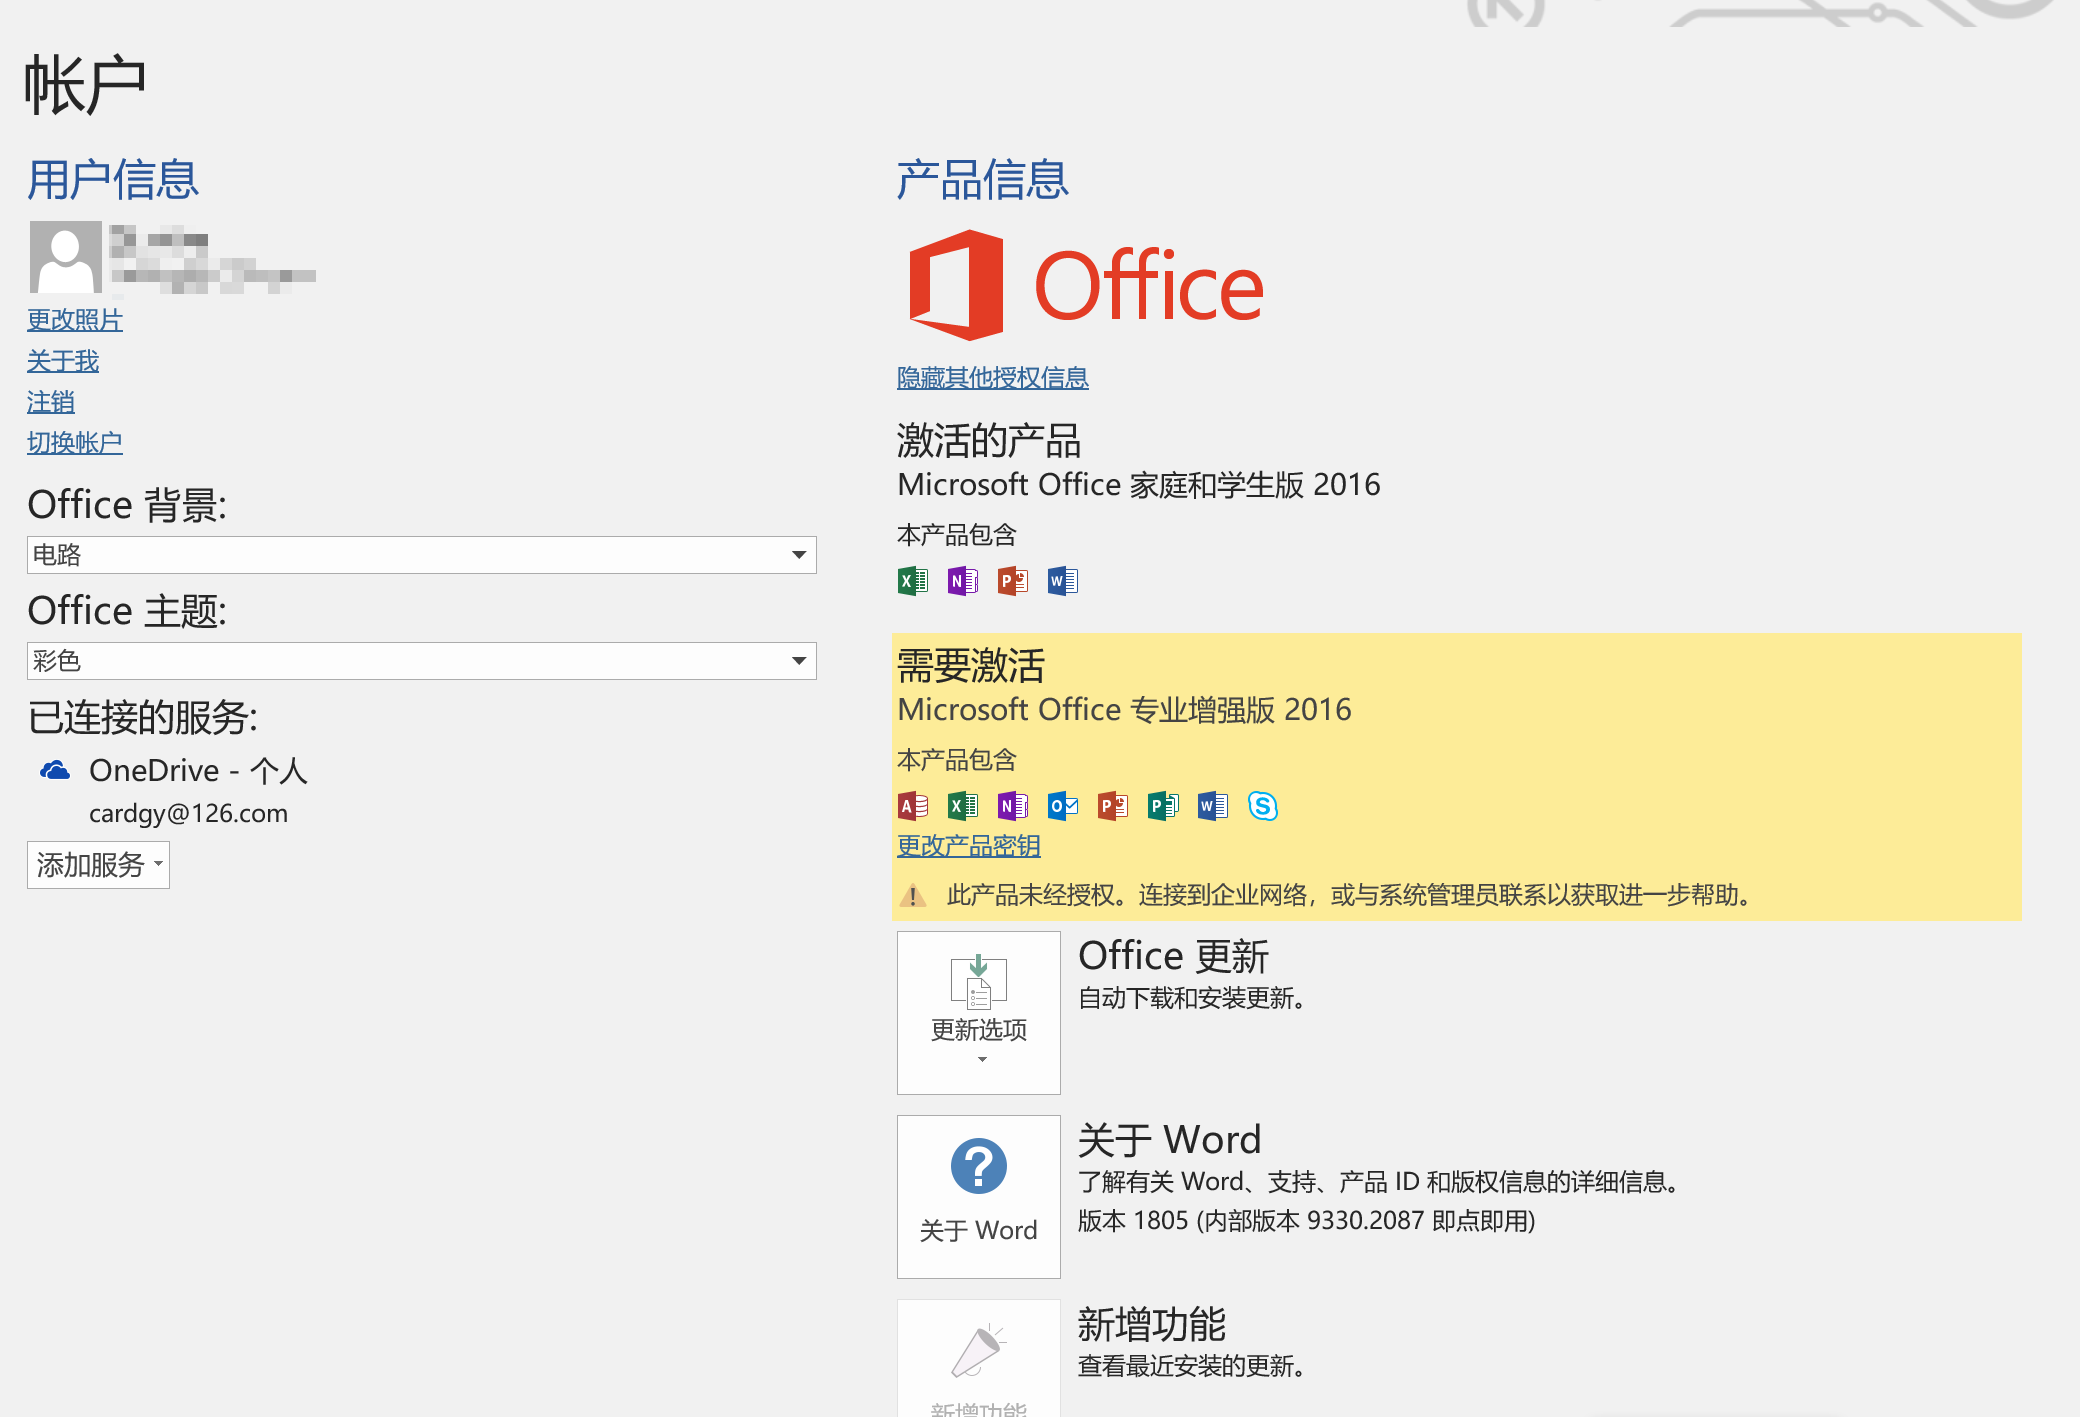 订阅office365后office2016任提示需要激活?-三石笔记